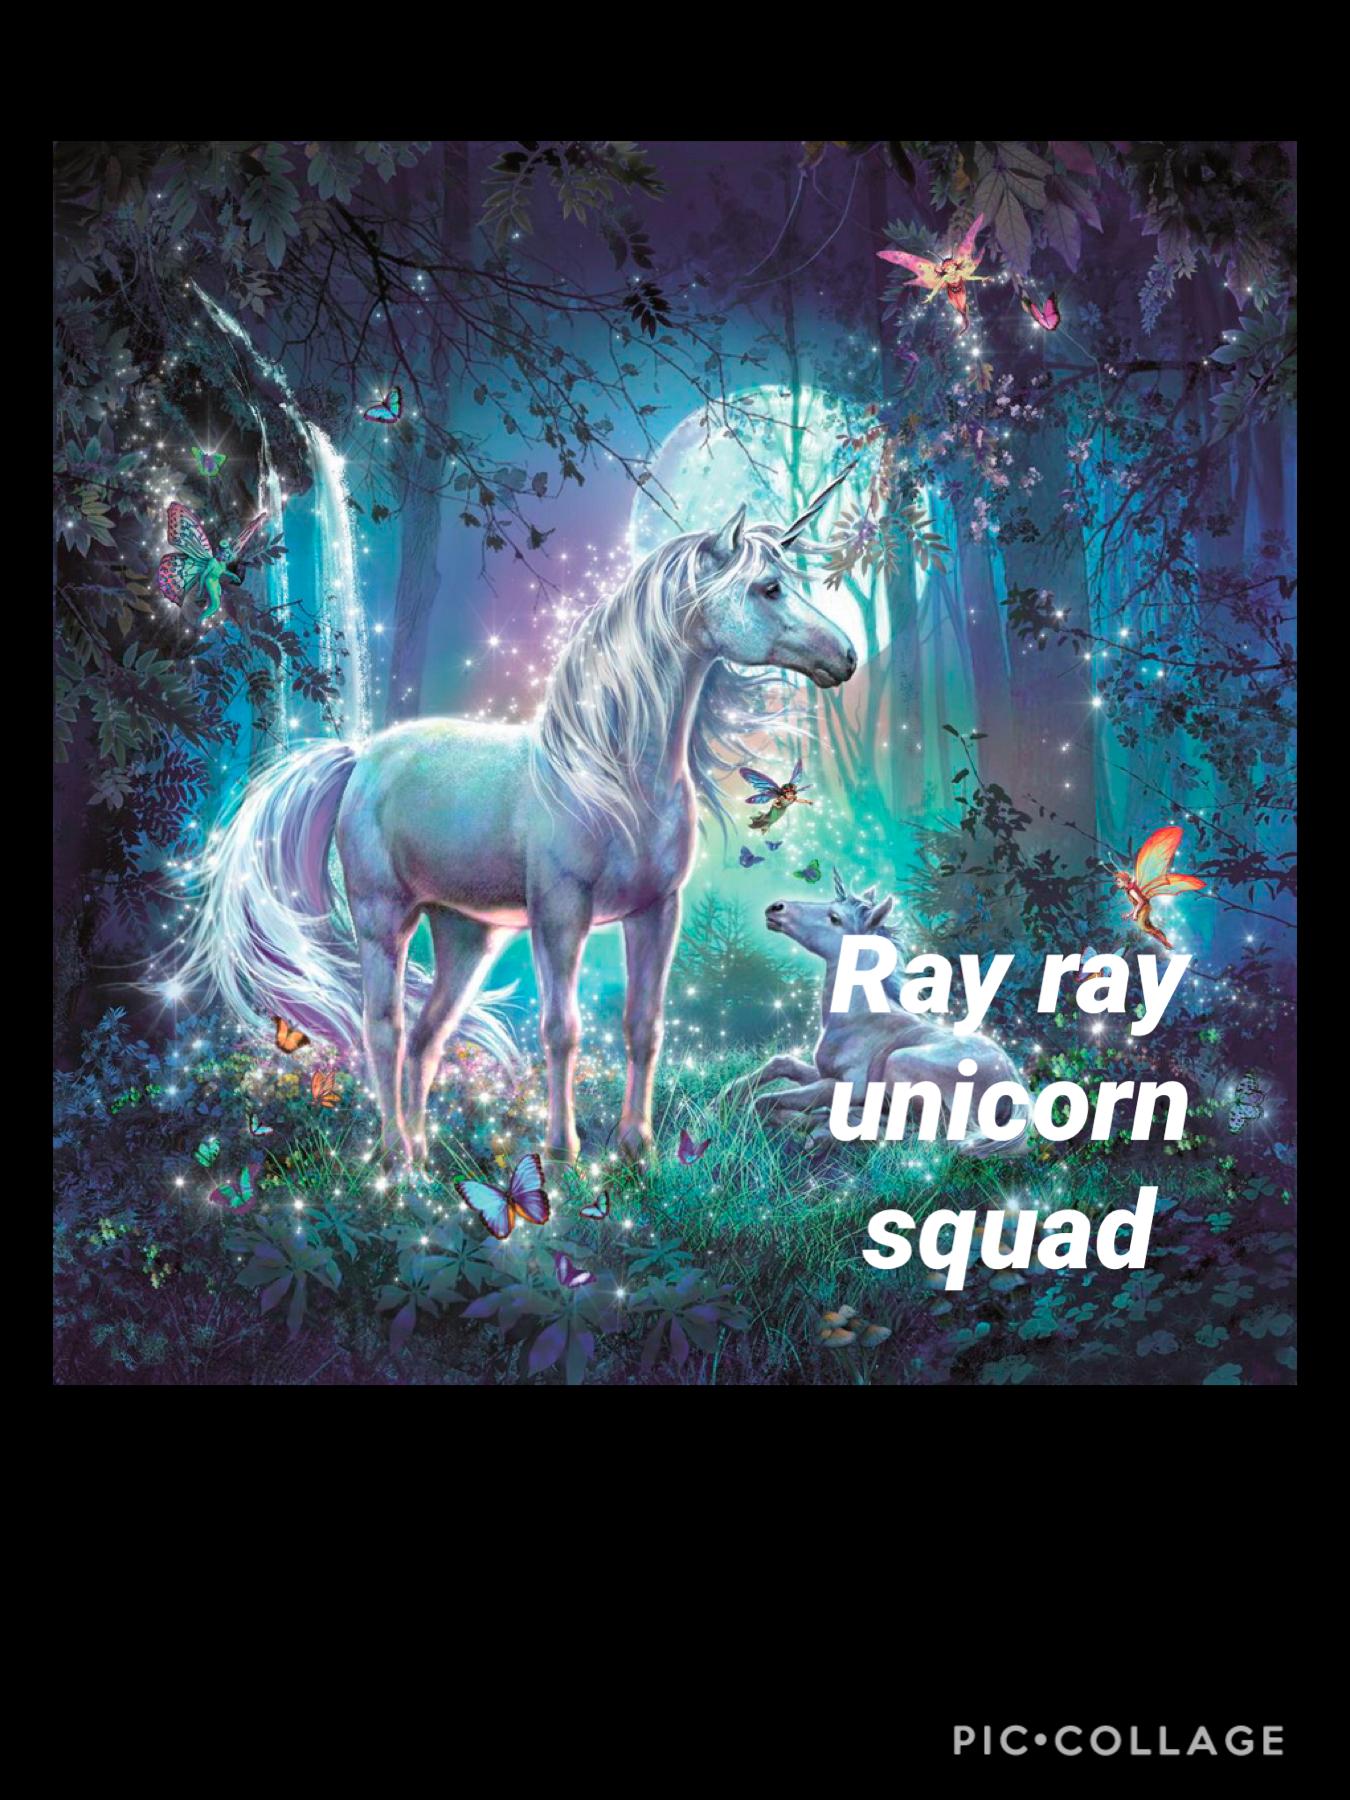 Ray ray unicorn squad